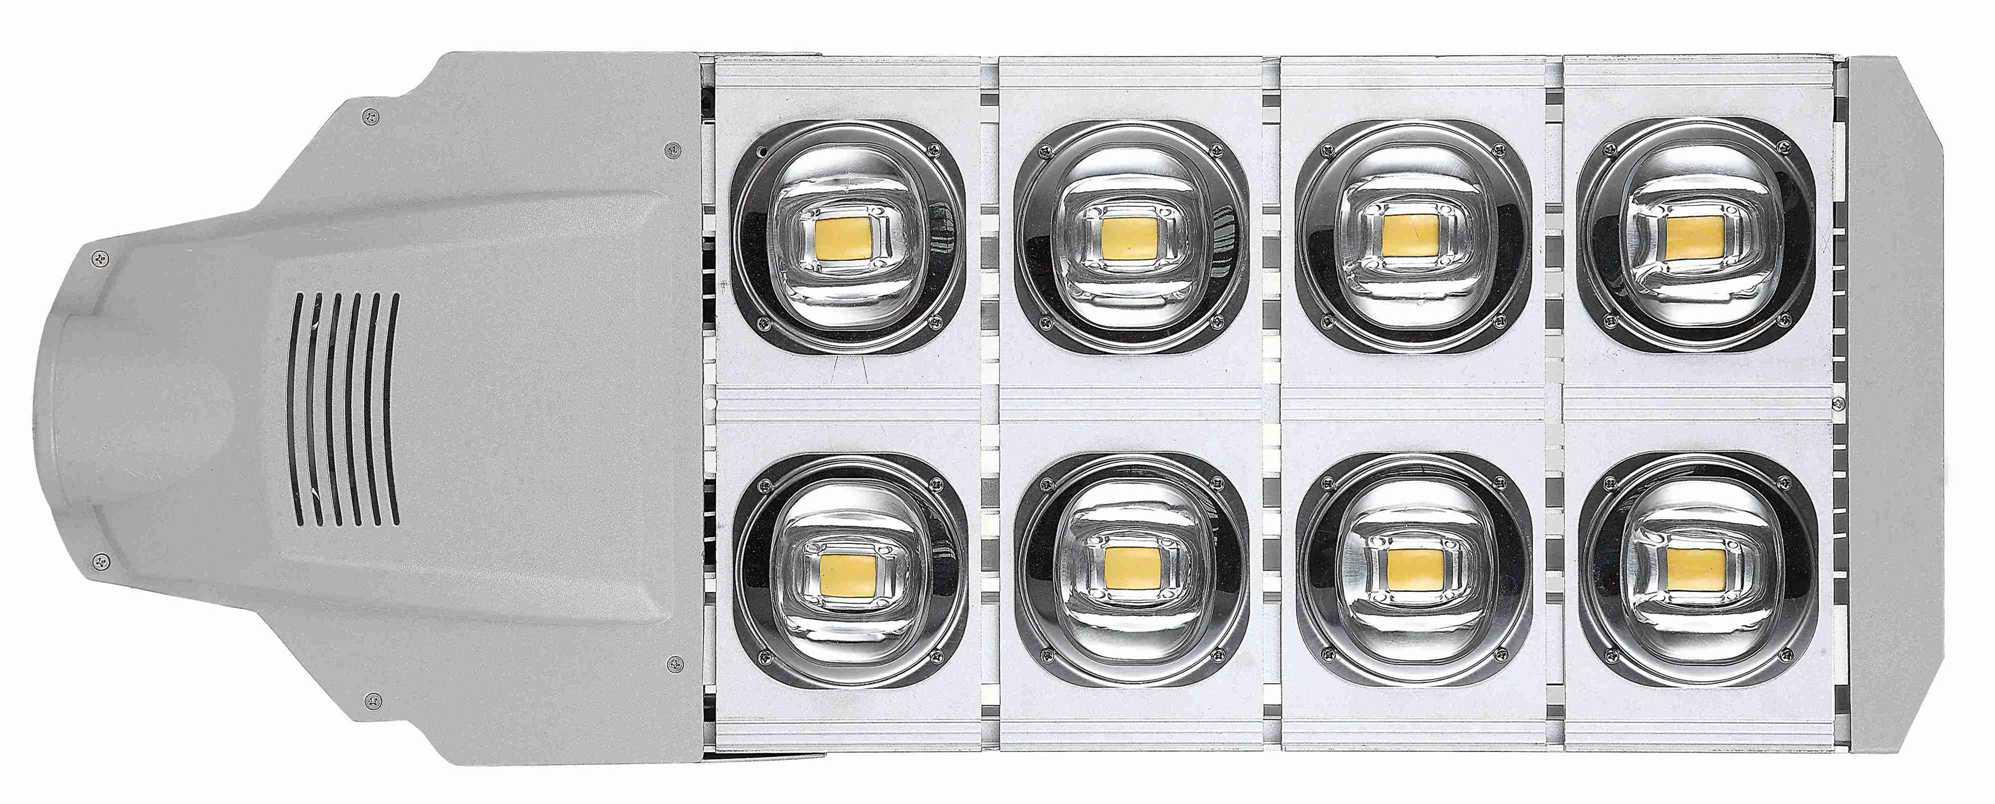 質量好的隧道燈批發-上哪買壽命長的智能照明系統